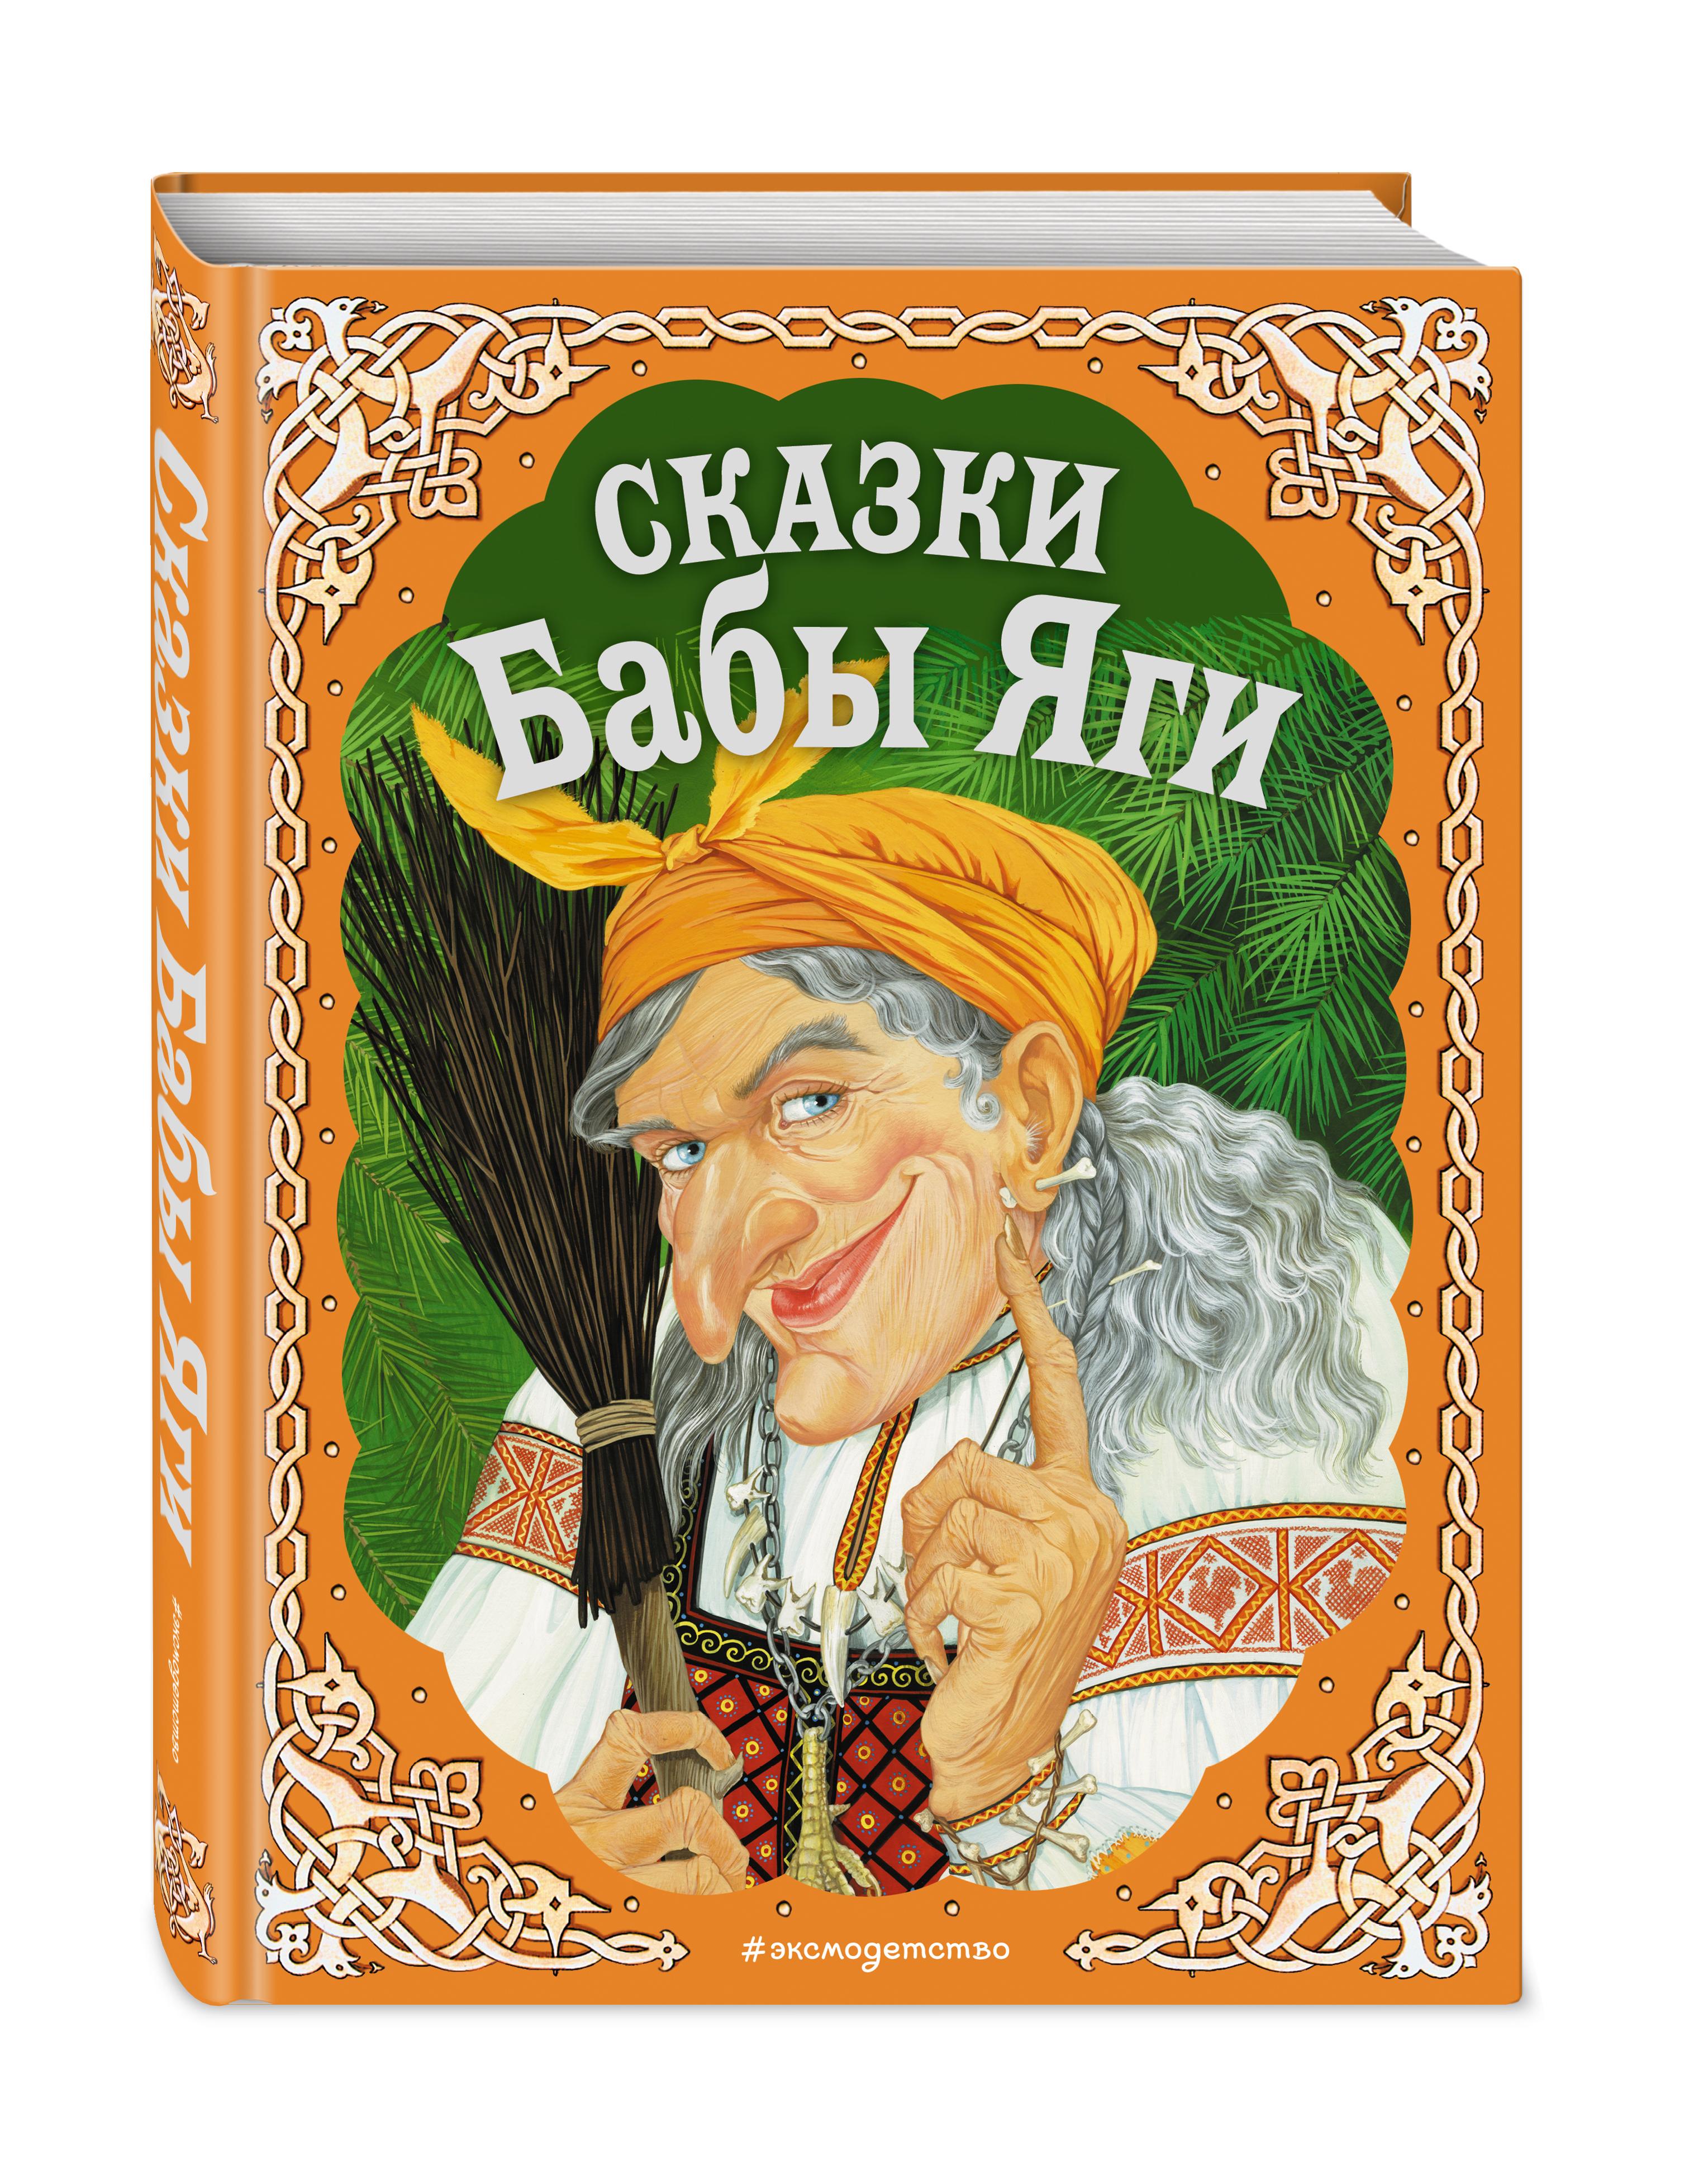 Сказки Бабы Яги баба яга и другие сказки